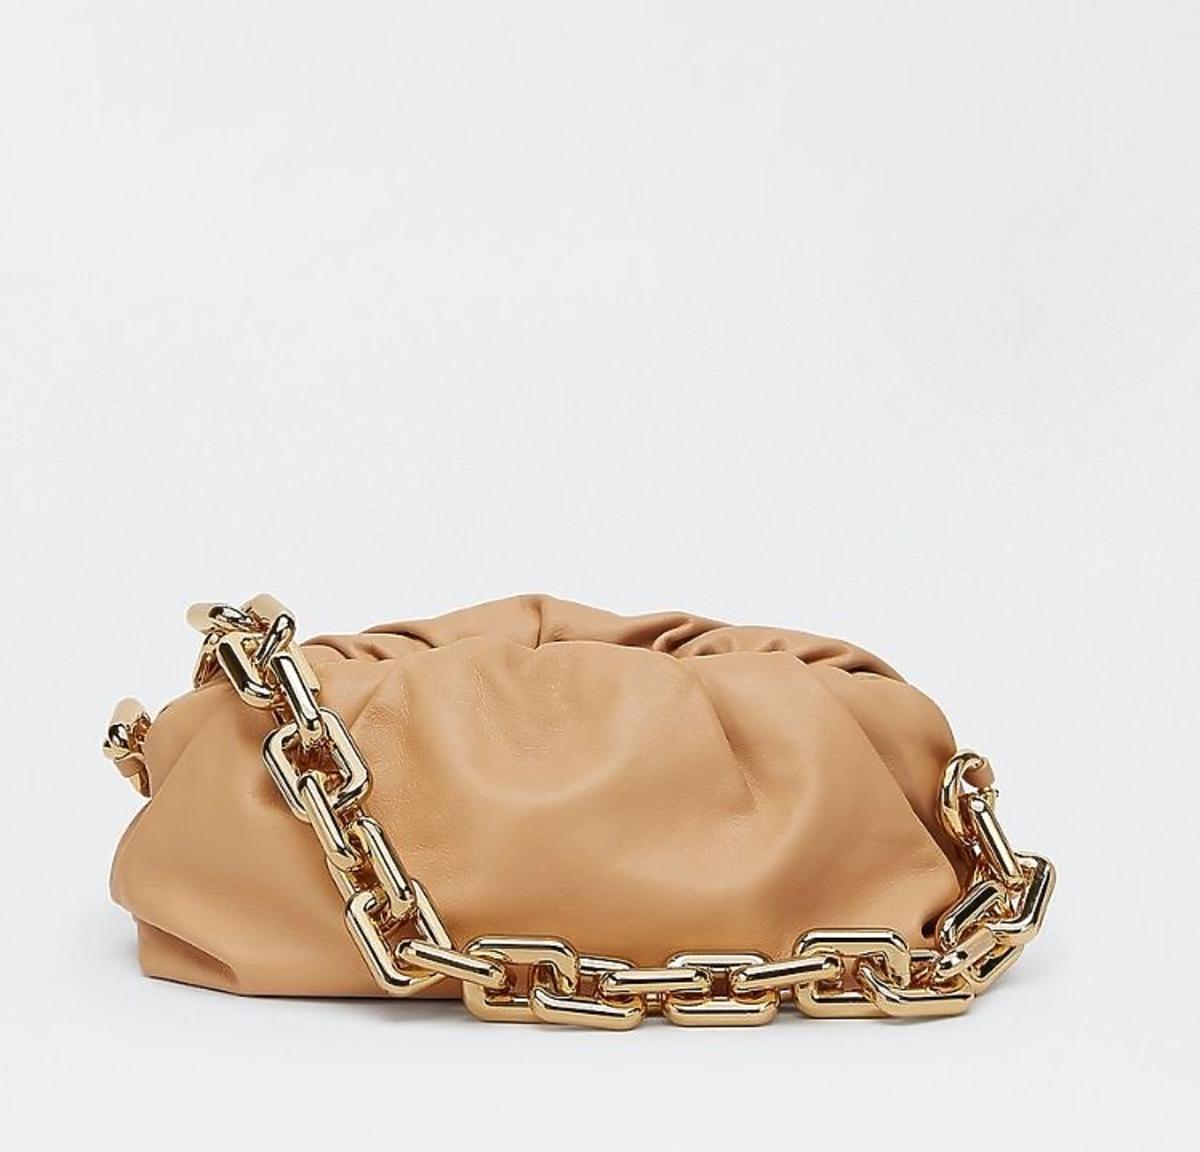 The Chain Pouch Bottega Venetta